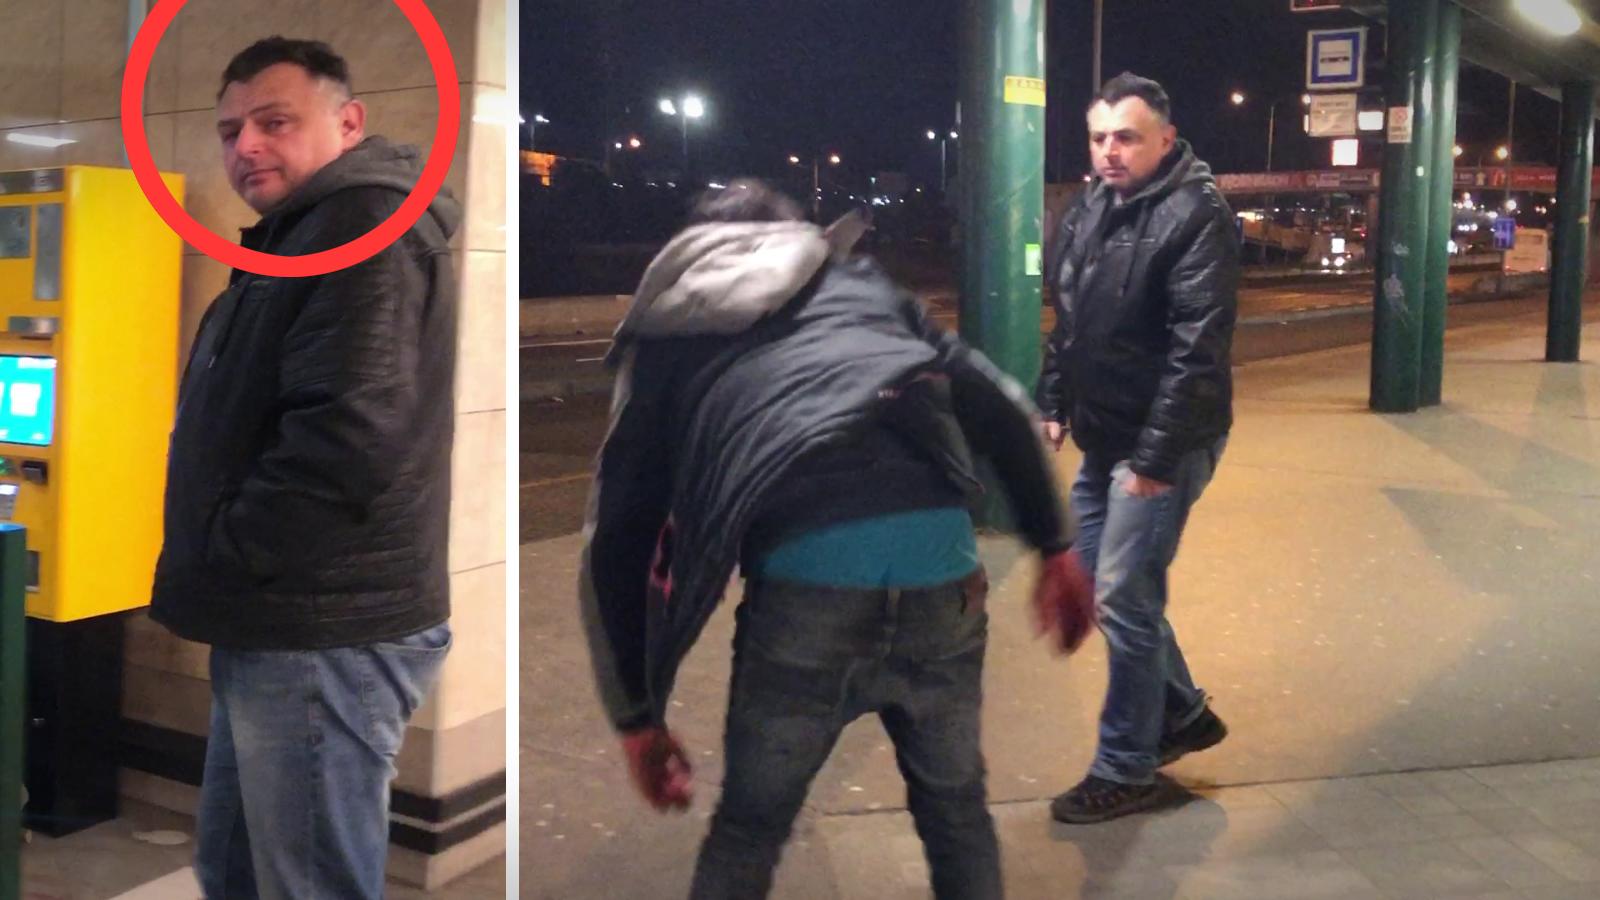 VIDEO: Policie nala svdka, kter brnil enu ped nsilm